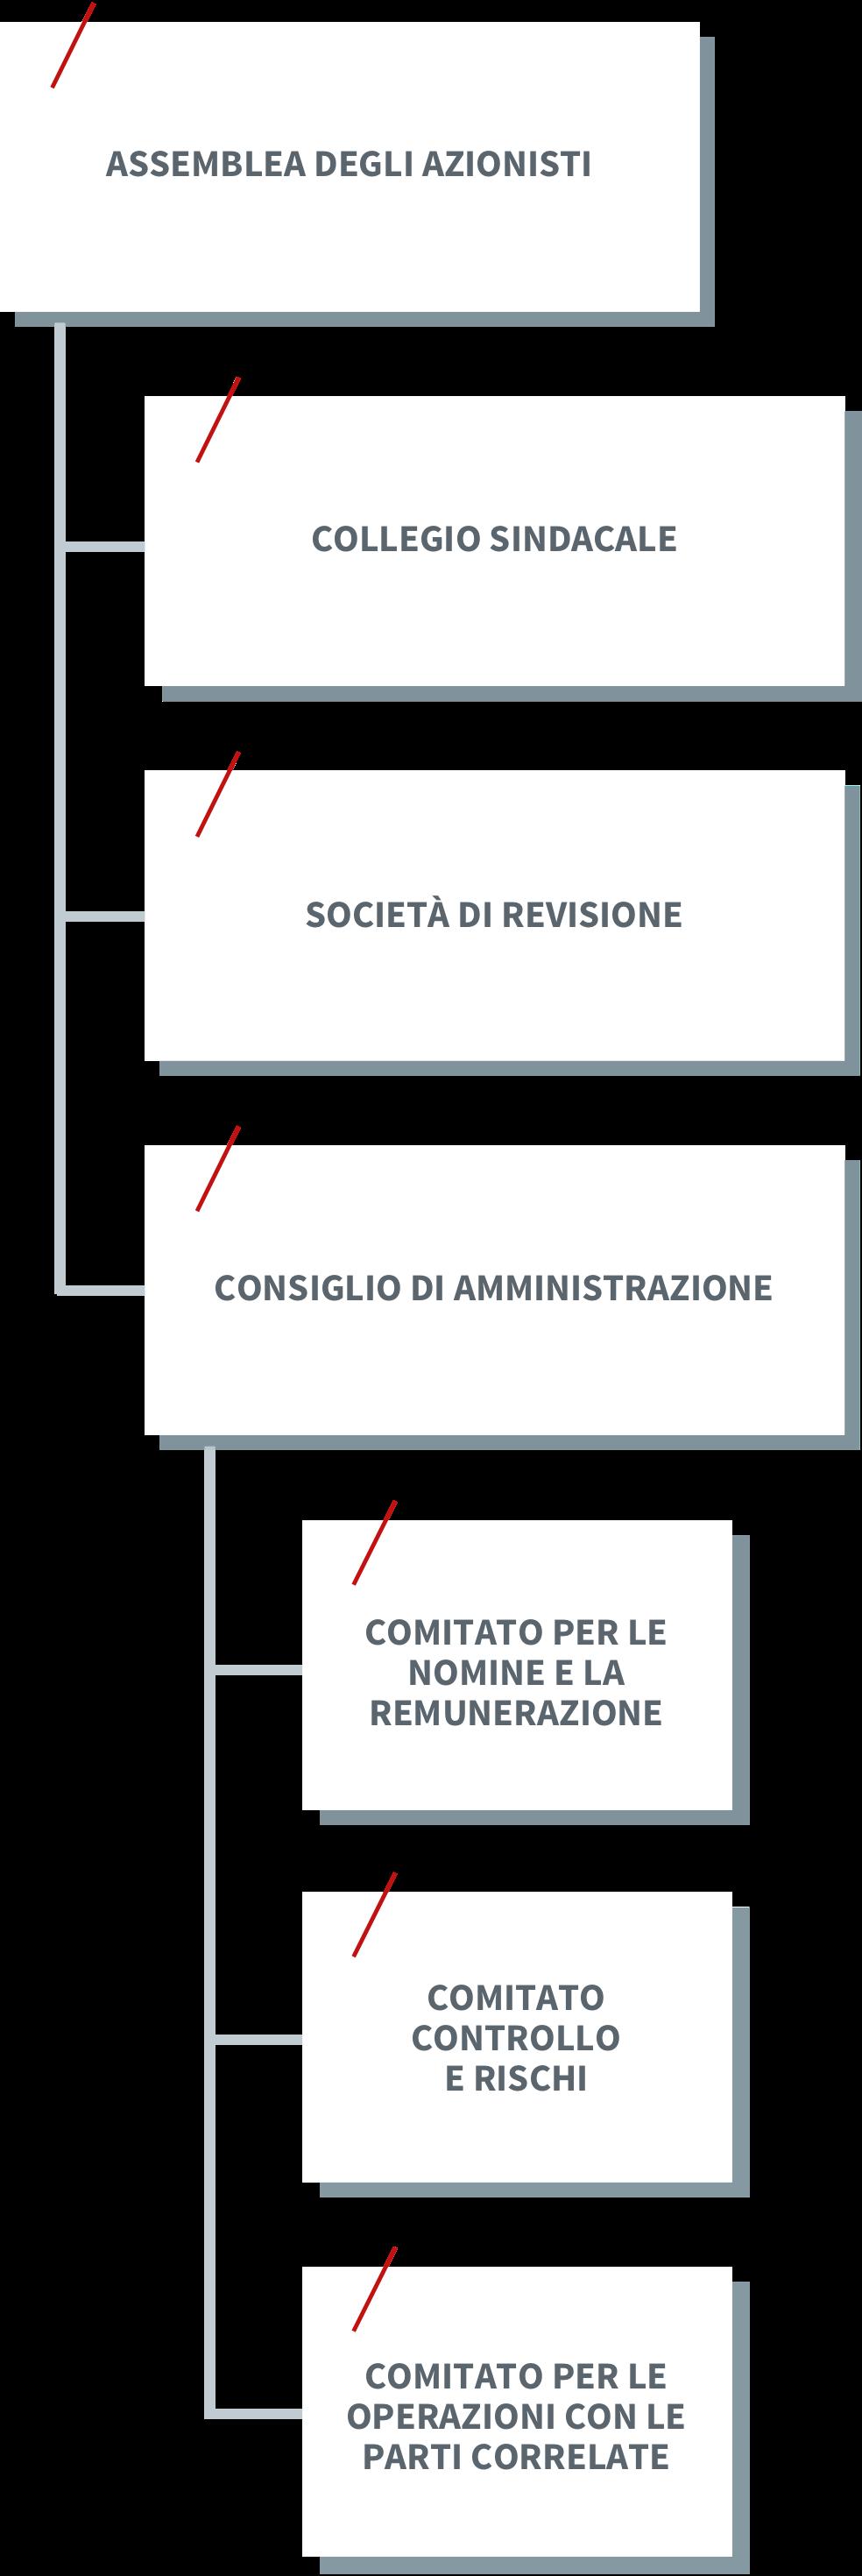 organigramma_page_immagine_mobile